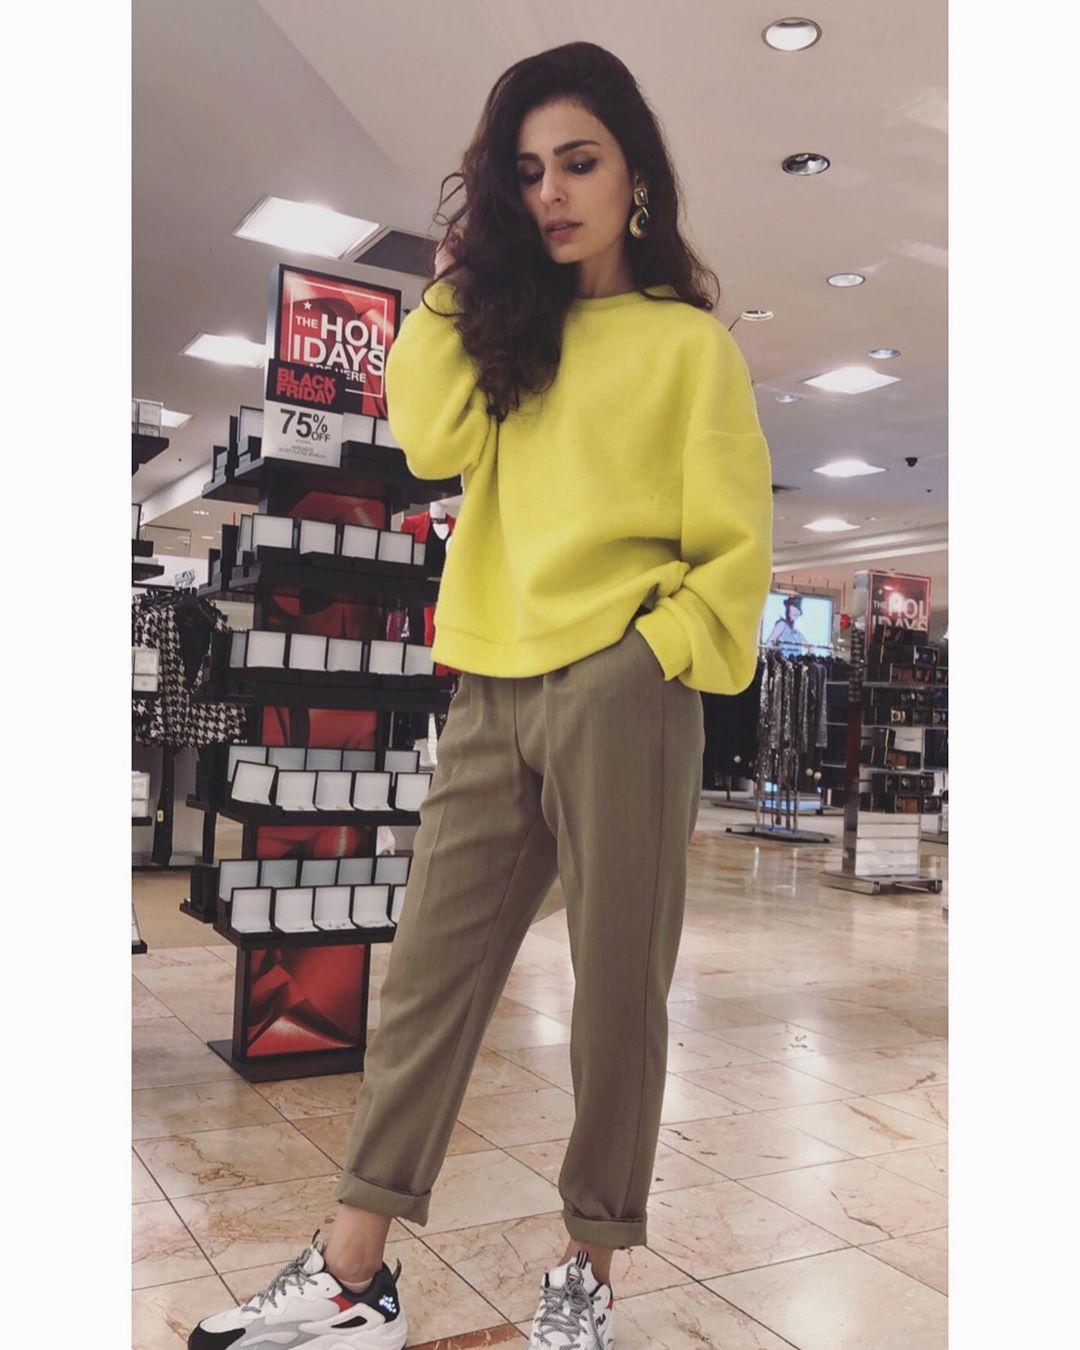 Latest Beautiful Clicks of Actress Sadia Ghaffar from USA